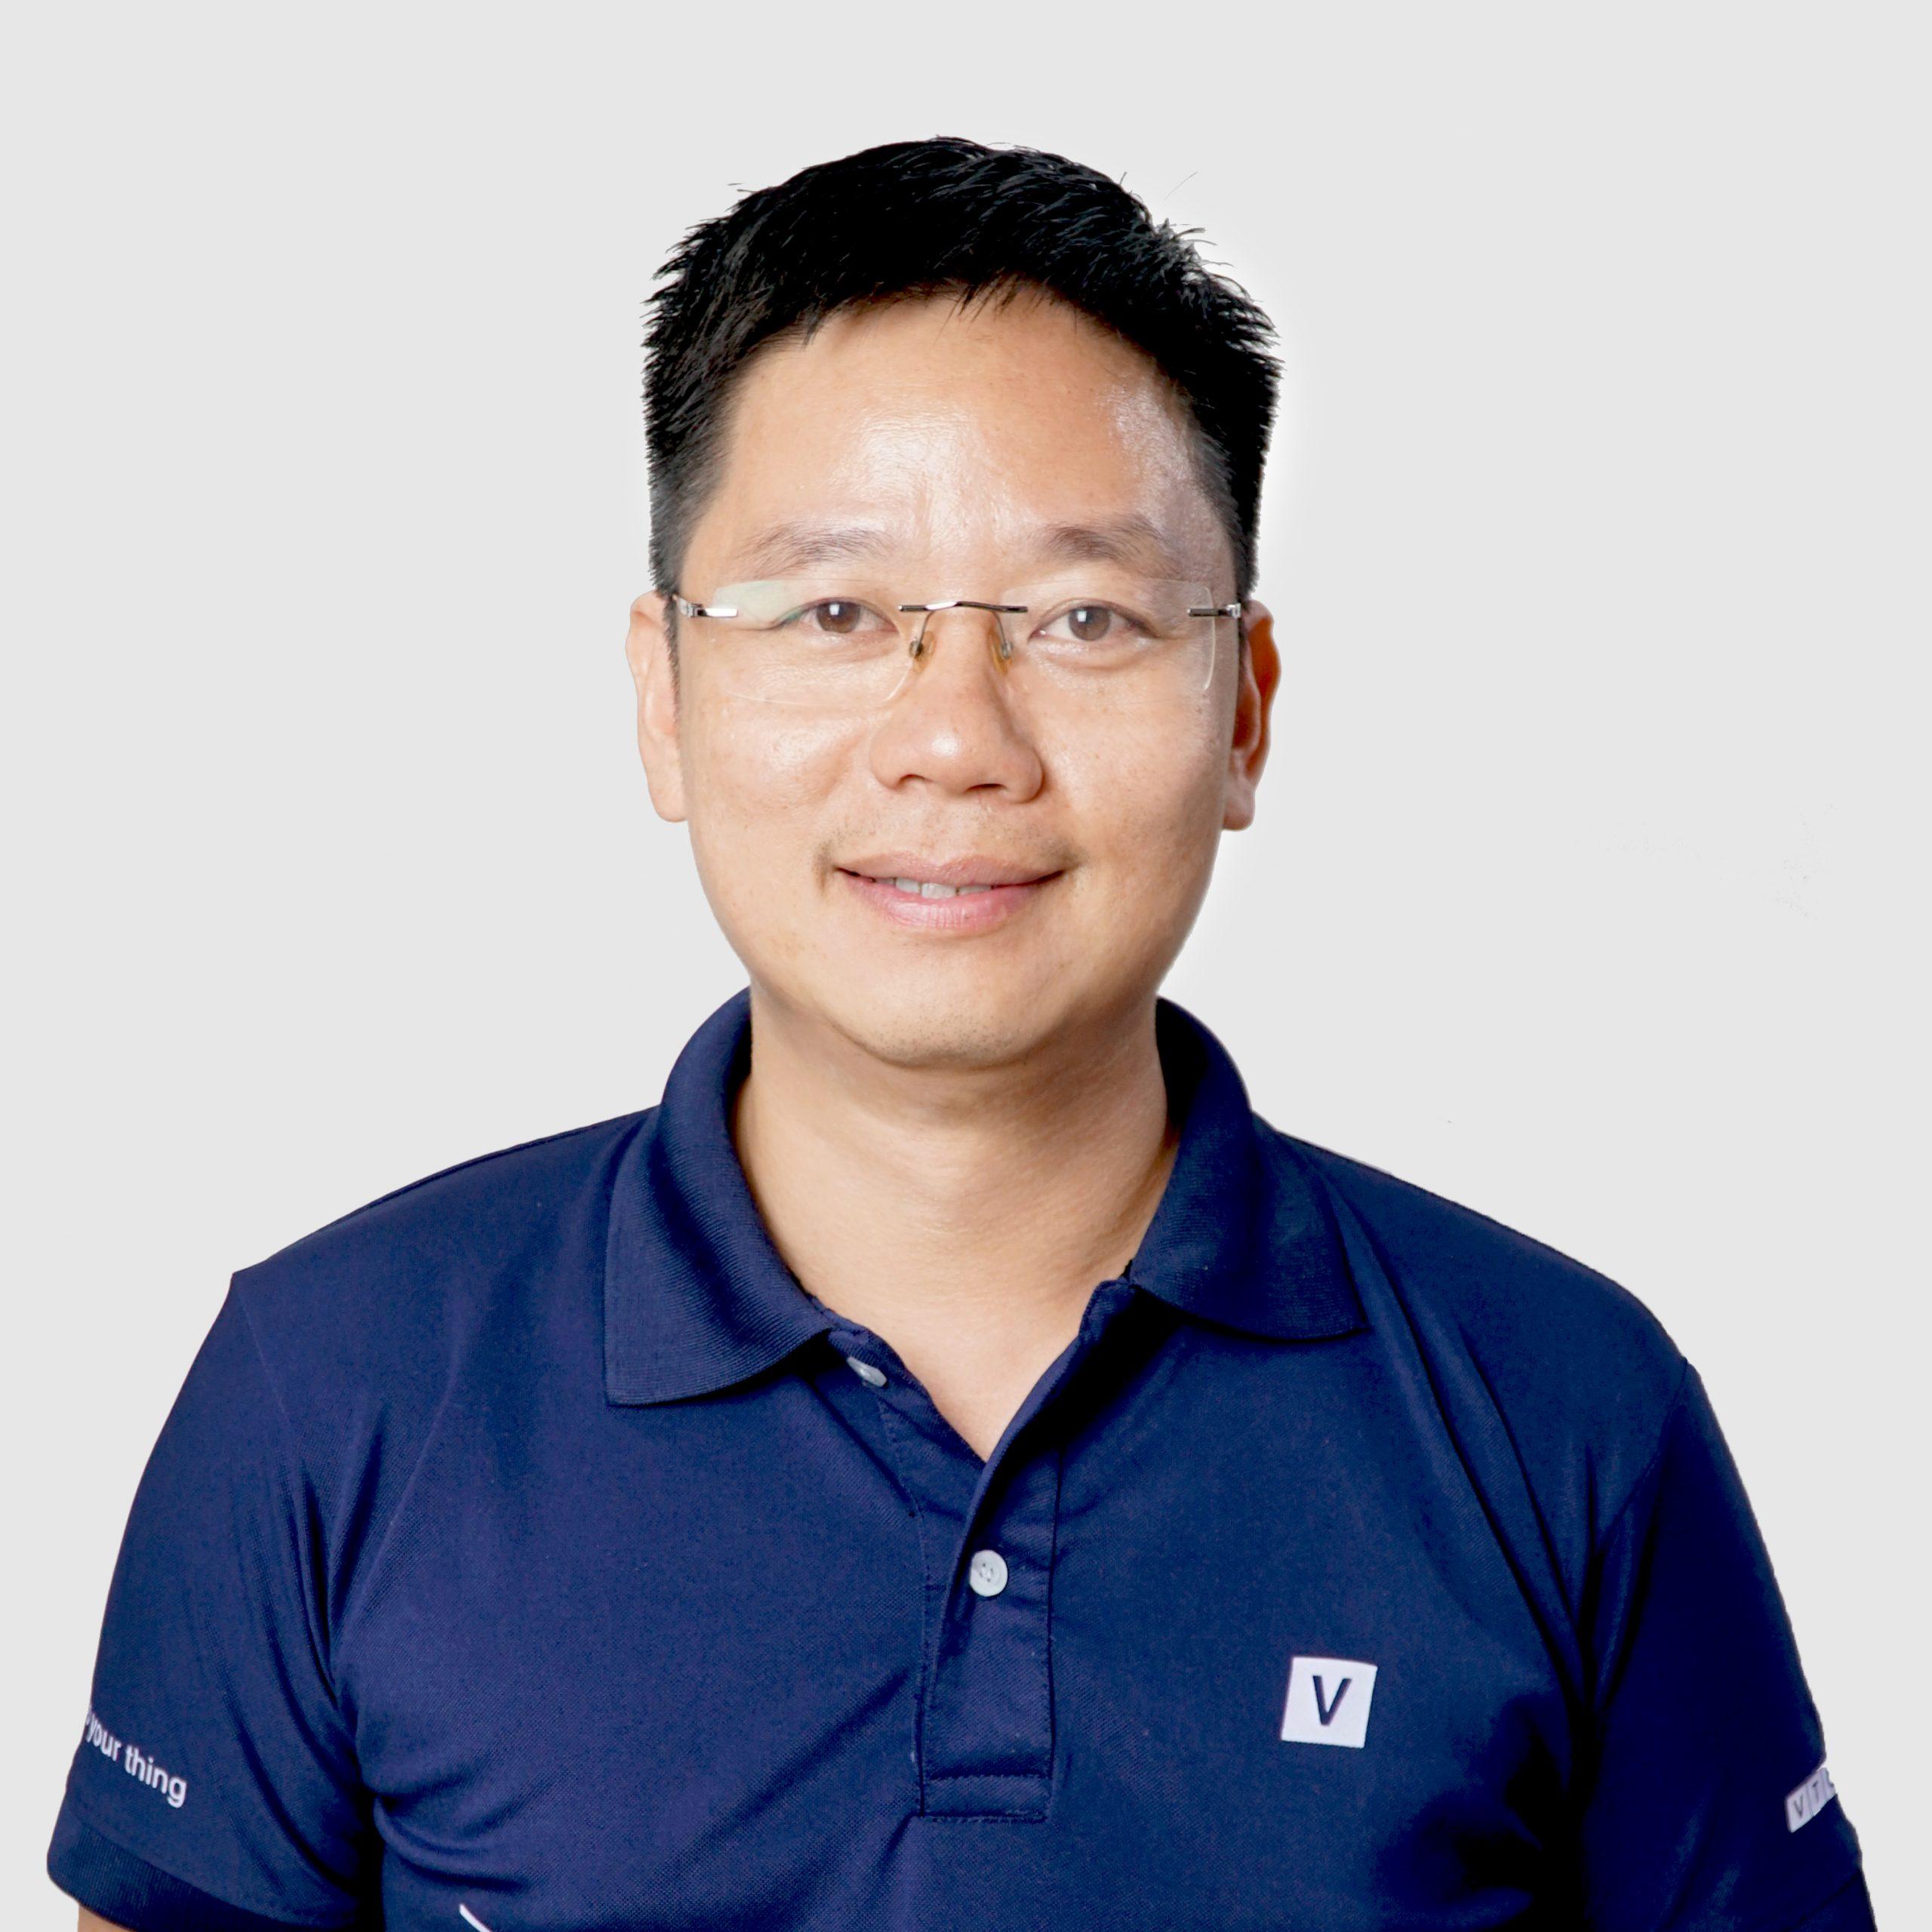 Nguyễn Xuân Sinh